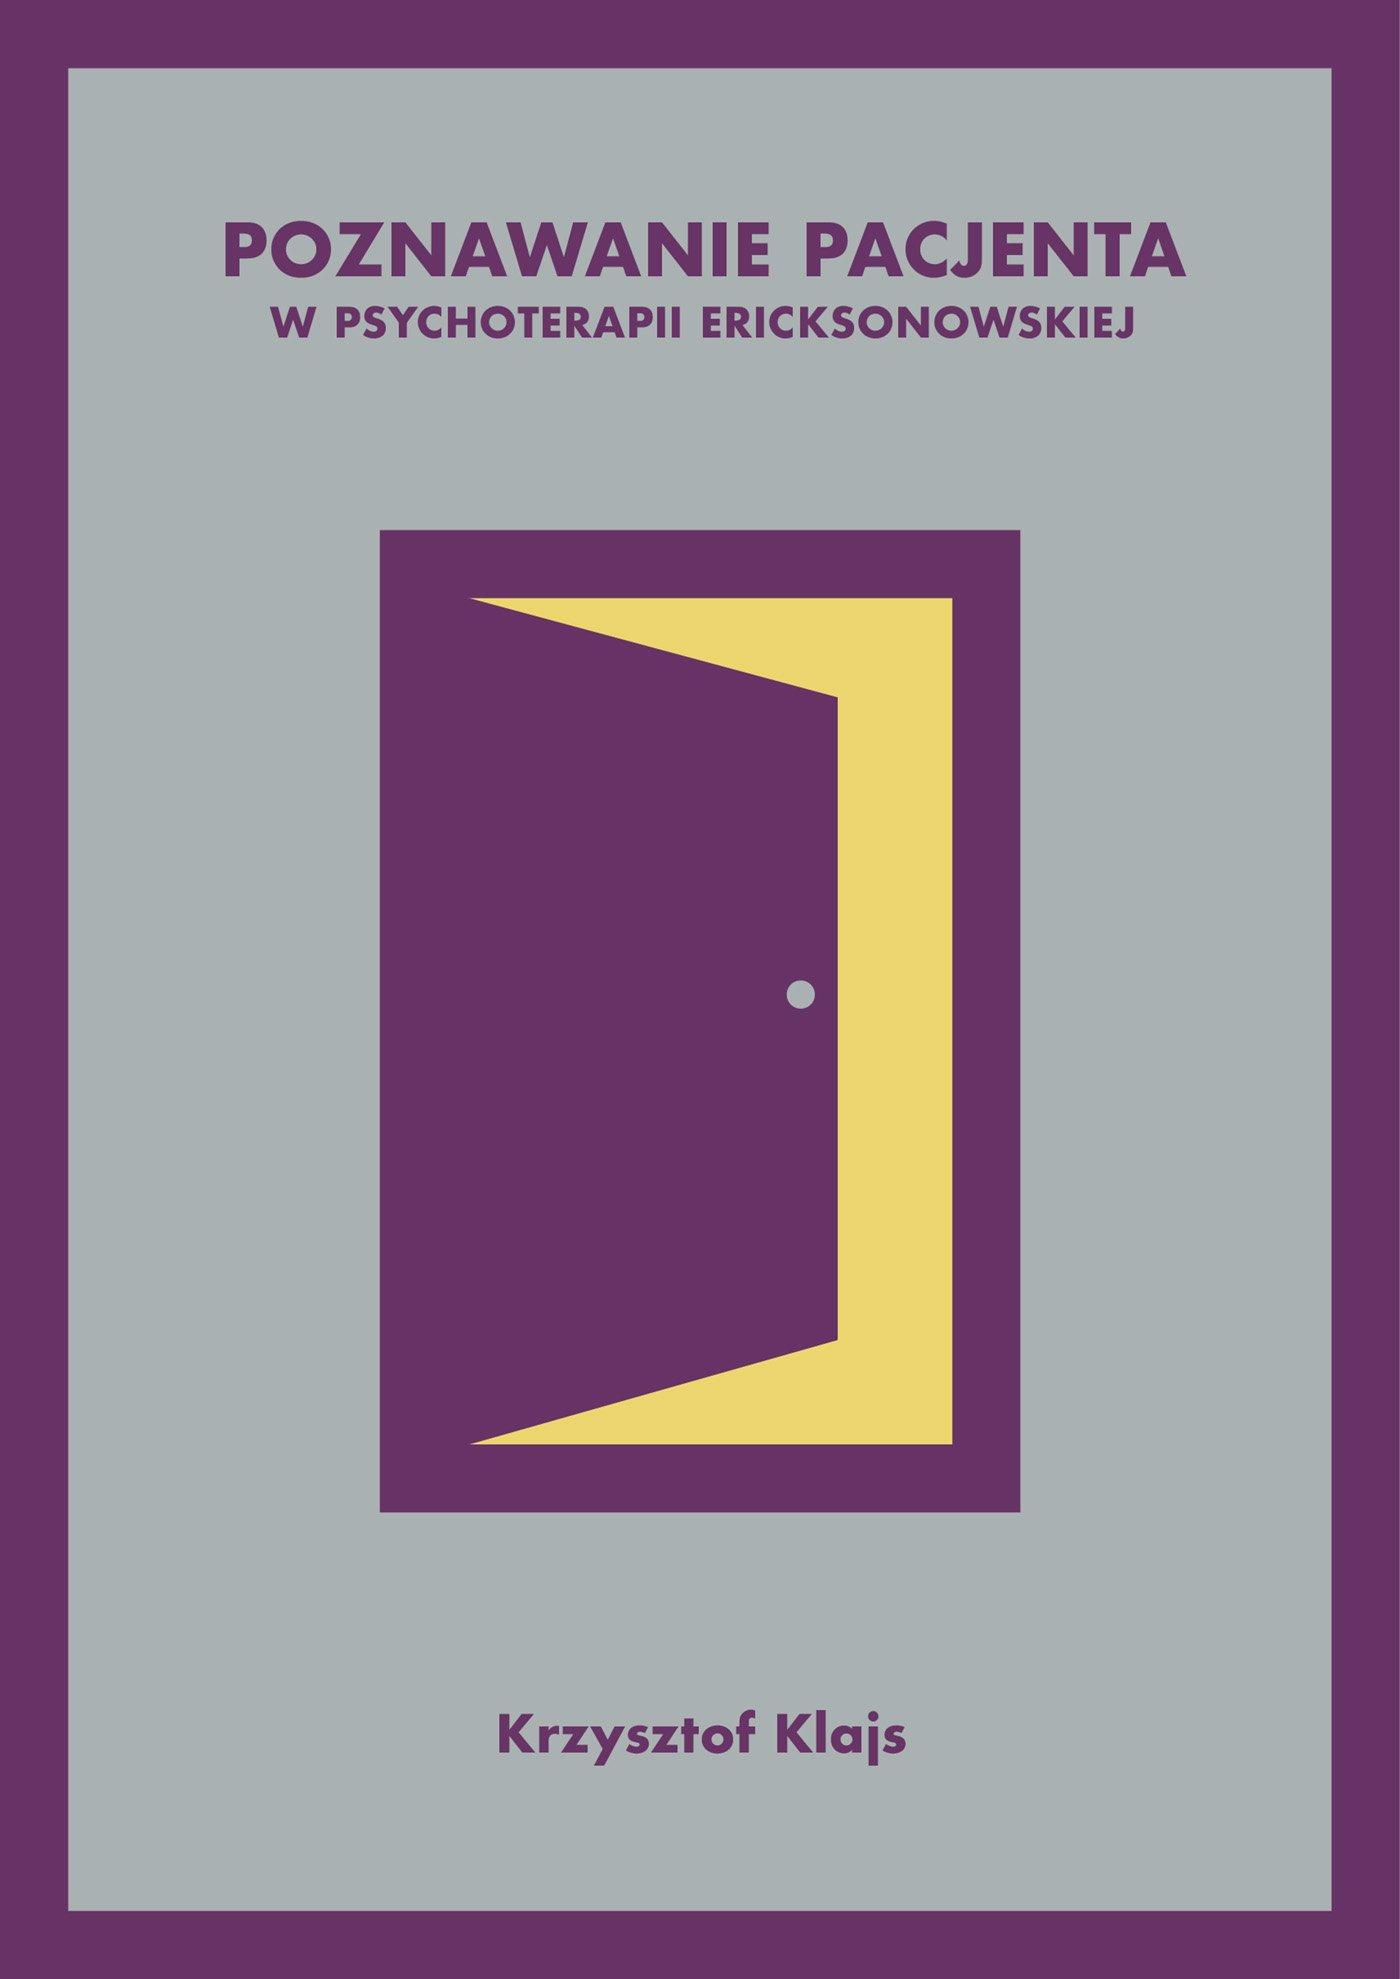 Poznawanie pacjenta w psychoterapii ericksonowskiej - Ebook (Książka na Kindle) do pobrania w formacie MOBI